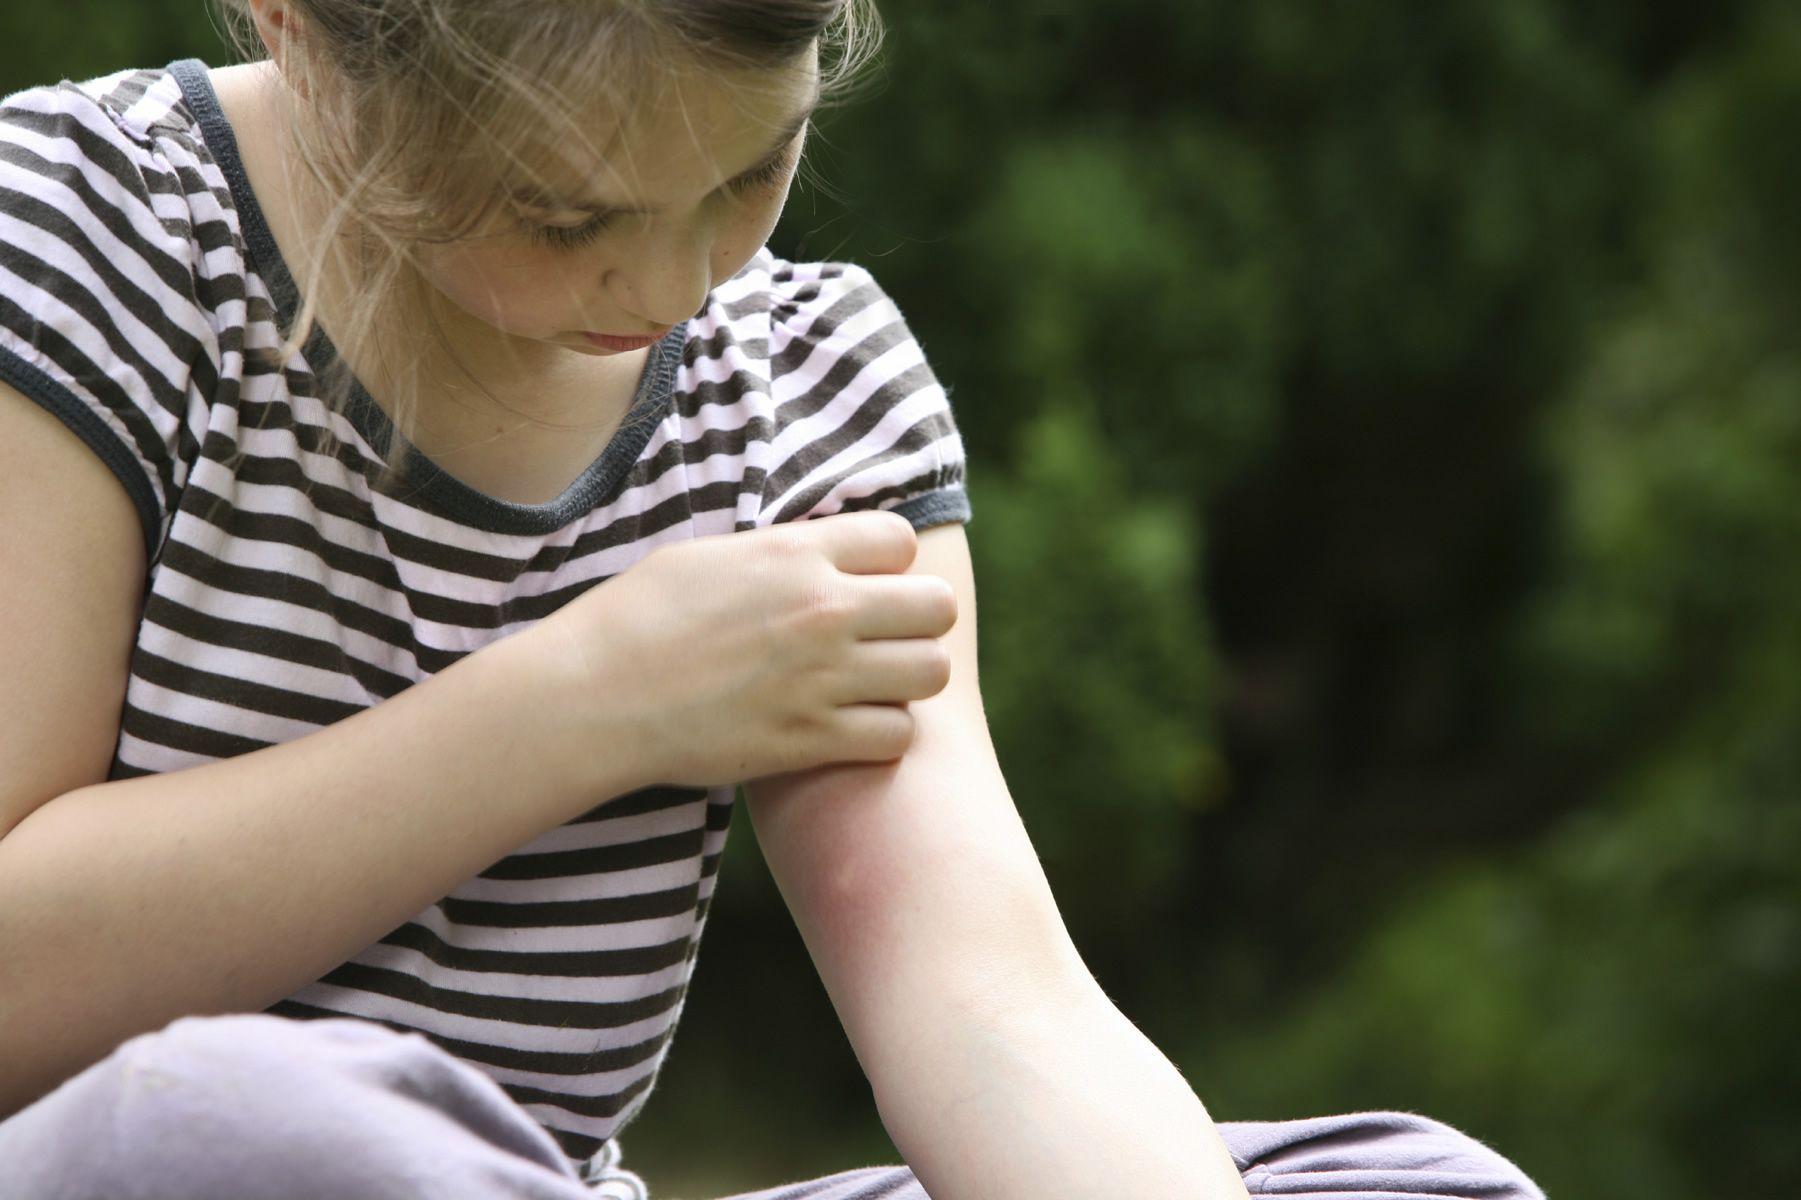 AIRLIFE te dice. ¿qué es la atopia? Se define como la predisposición genética a producir inmunoglobulina E frente a los alérgenos del aire, afecta a un 30% de la población y puede existir independientemente de se presente alergia o no.